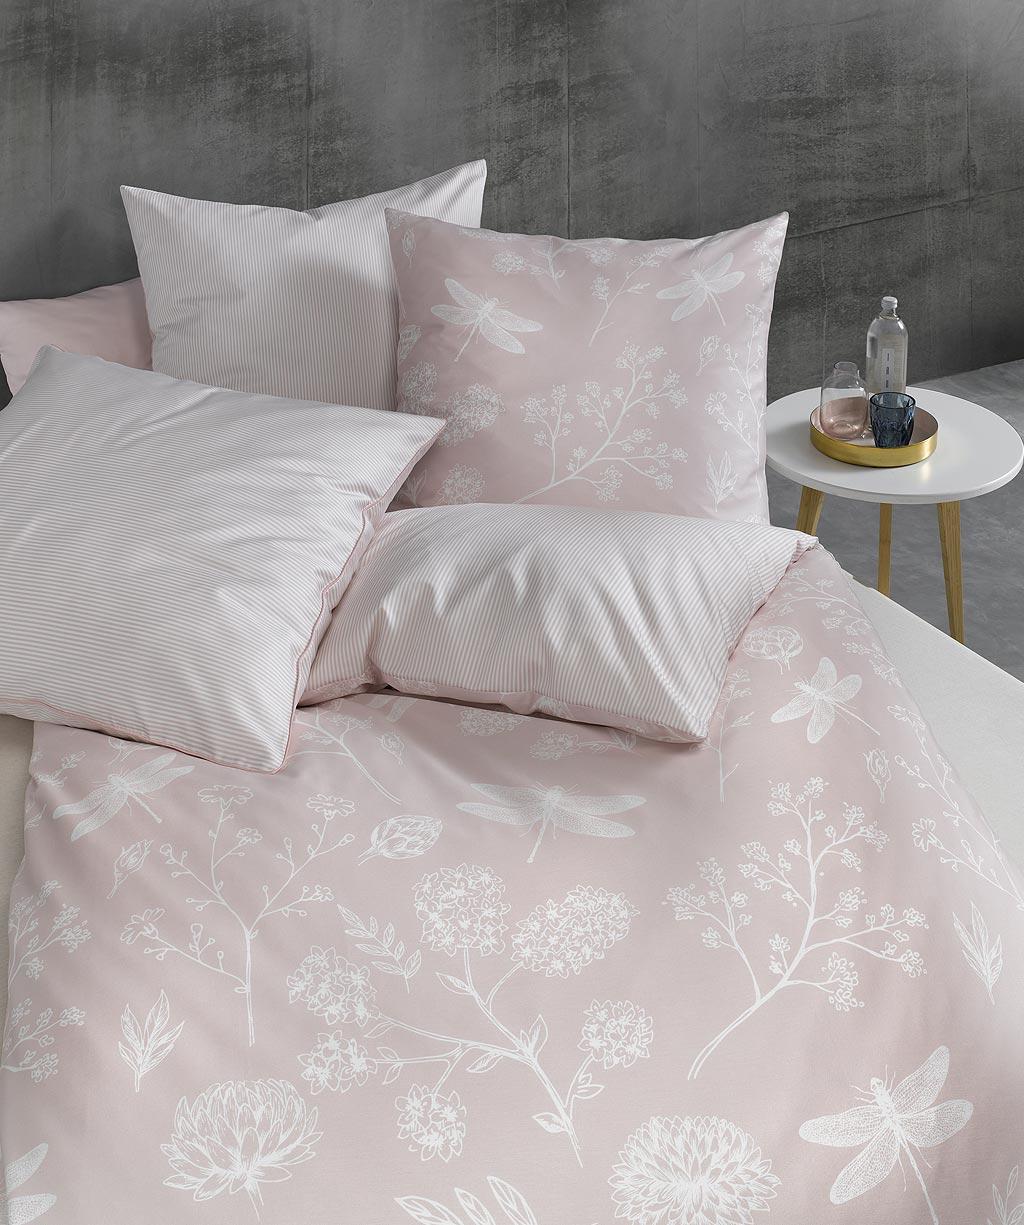 Bettwasche Rosa Weiss